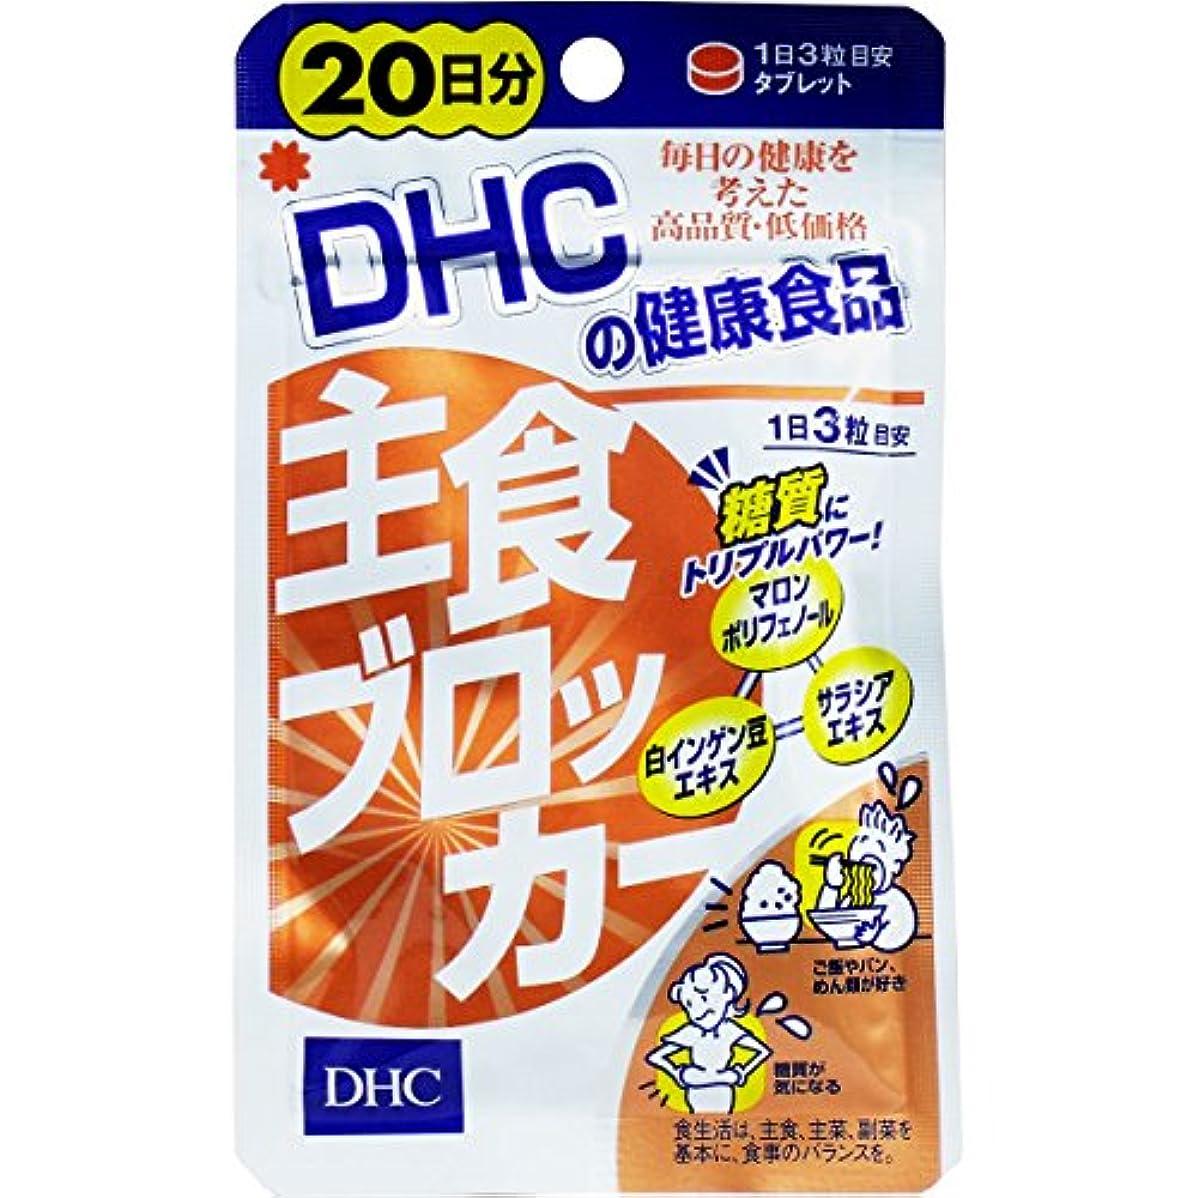 年重荷ノート【DHC】主食ブロッカー 20日分 60粒 ×20個セット